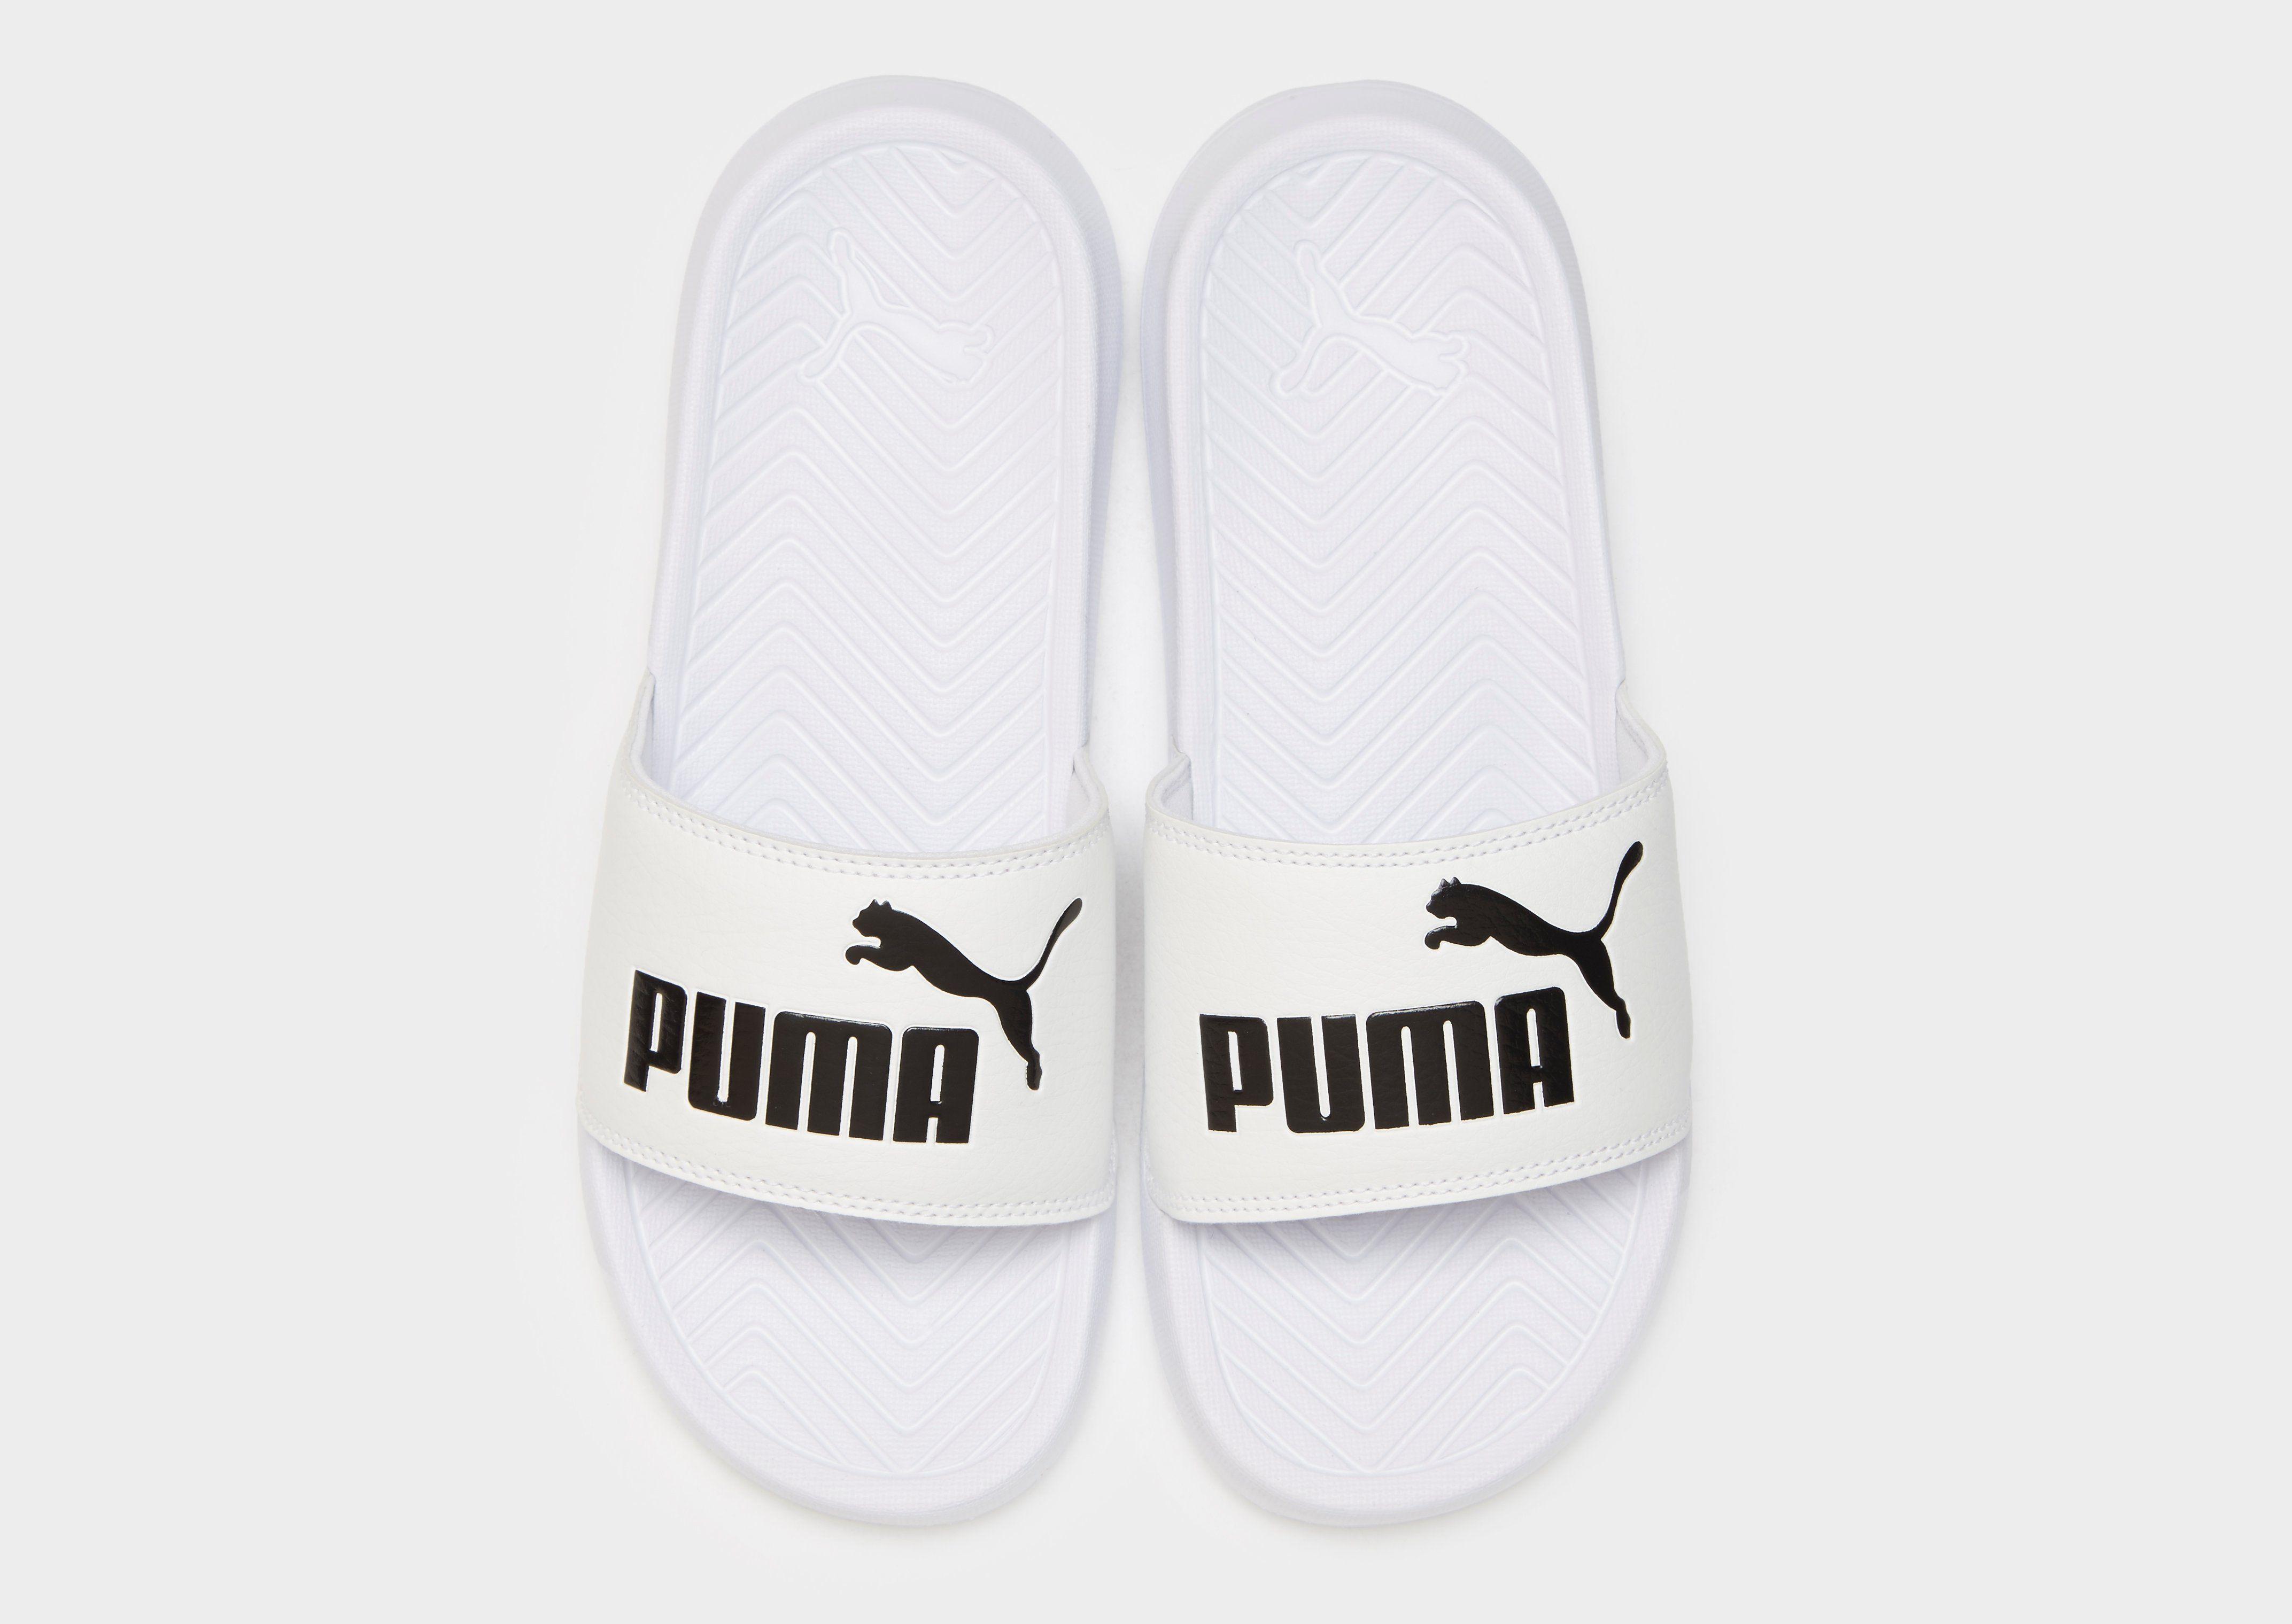 PUMA Claquettes Popcat Junior